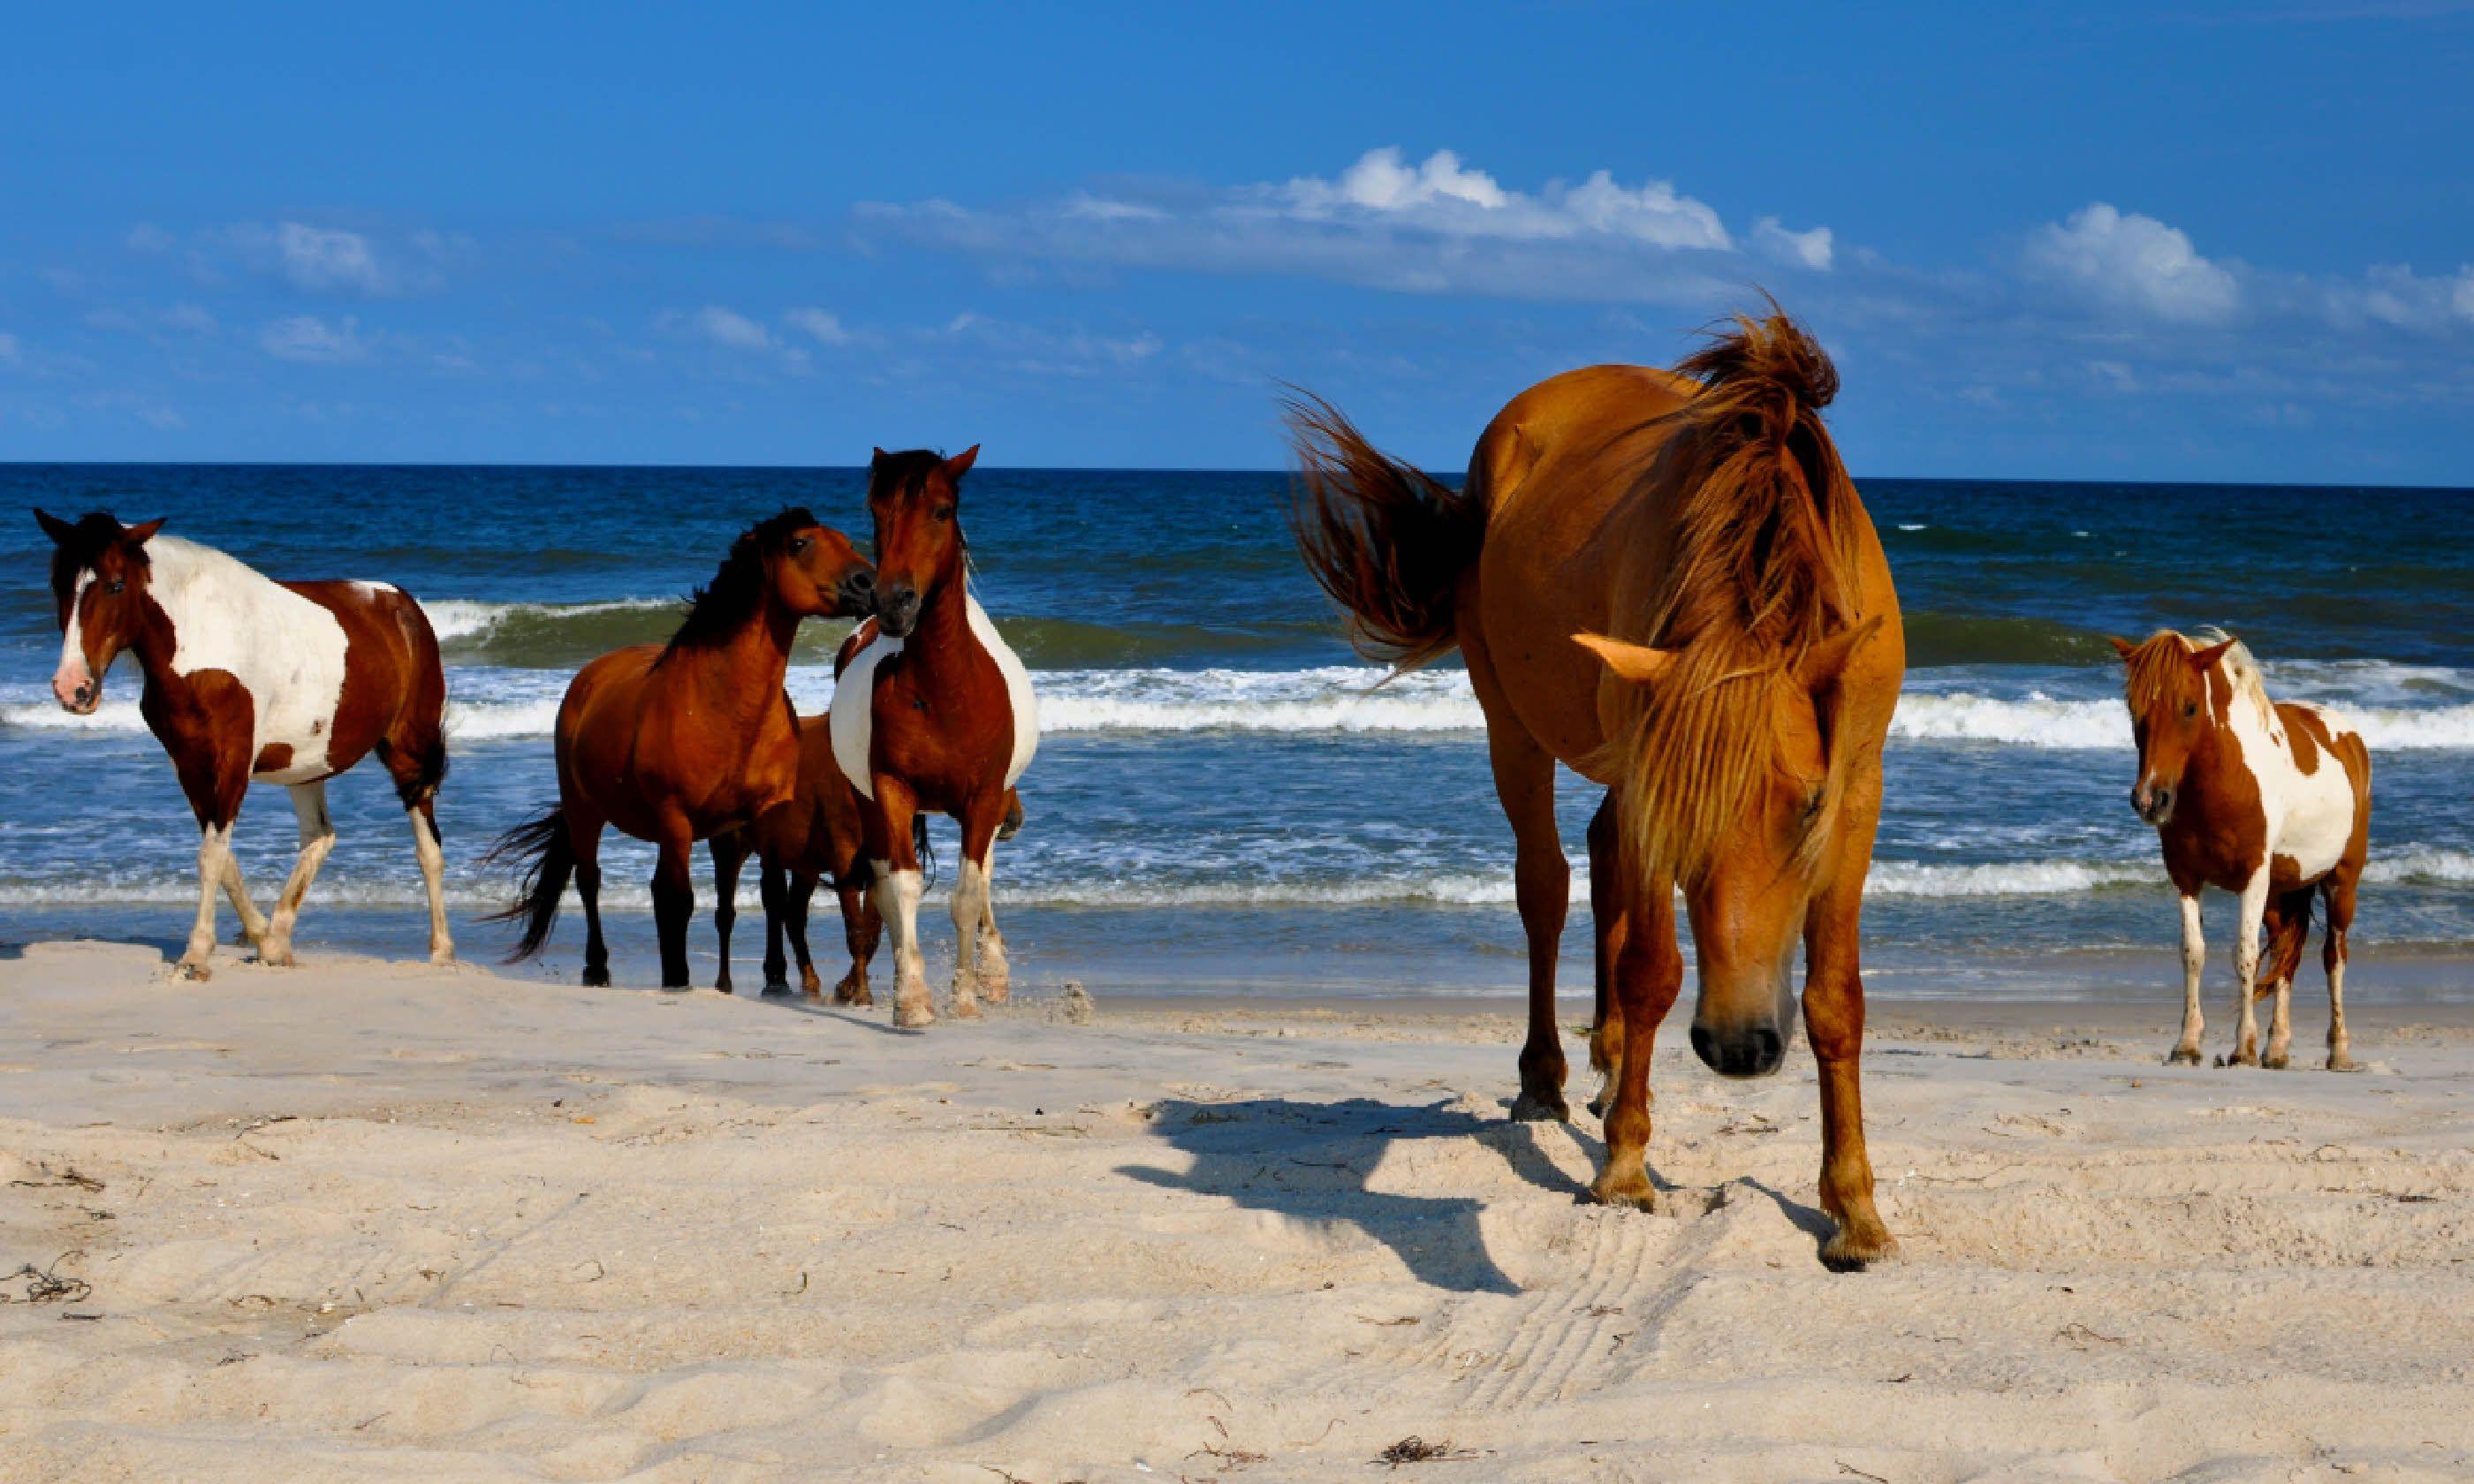 Wild horses of Assateague (Shutterstock)